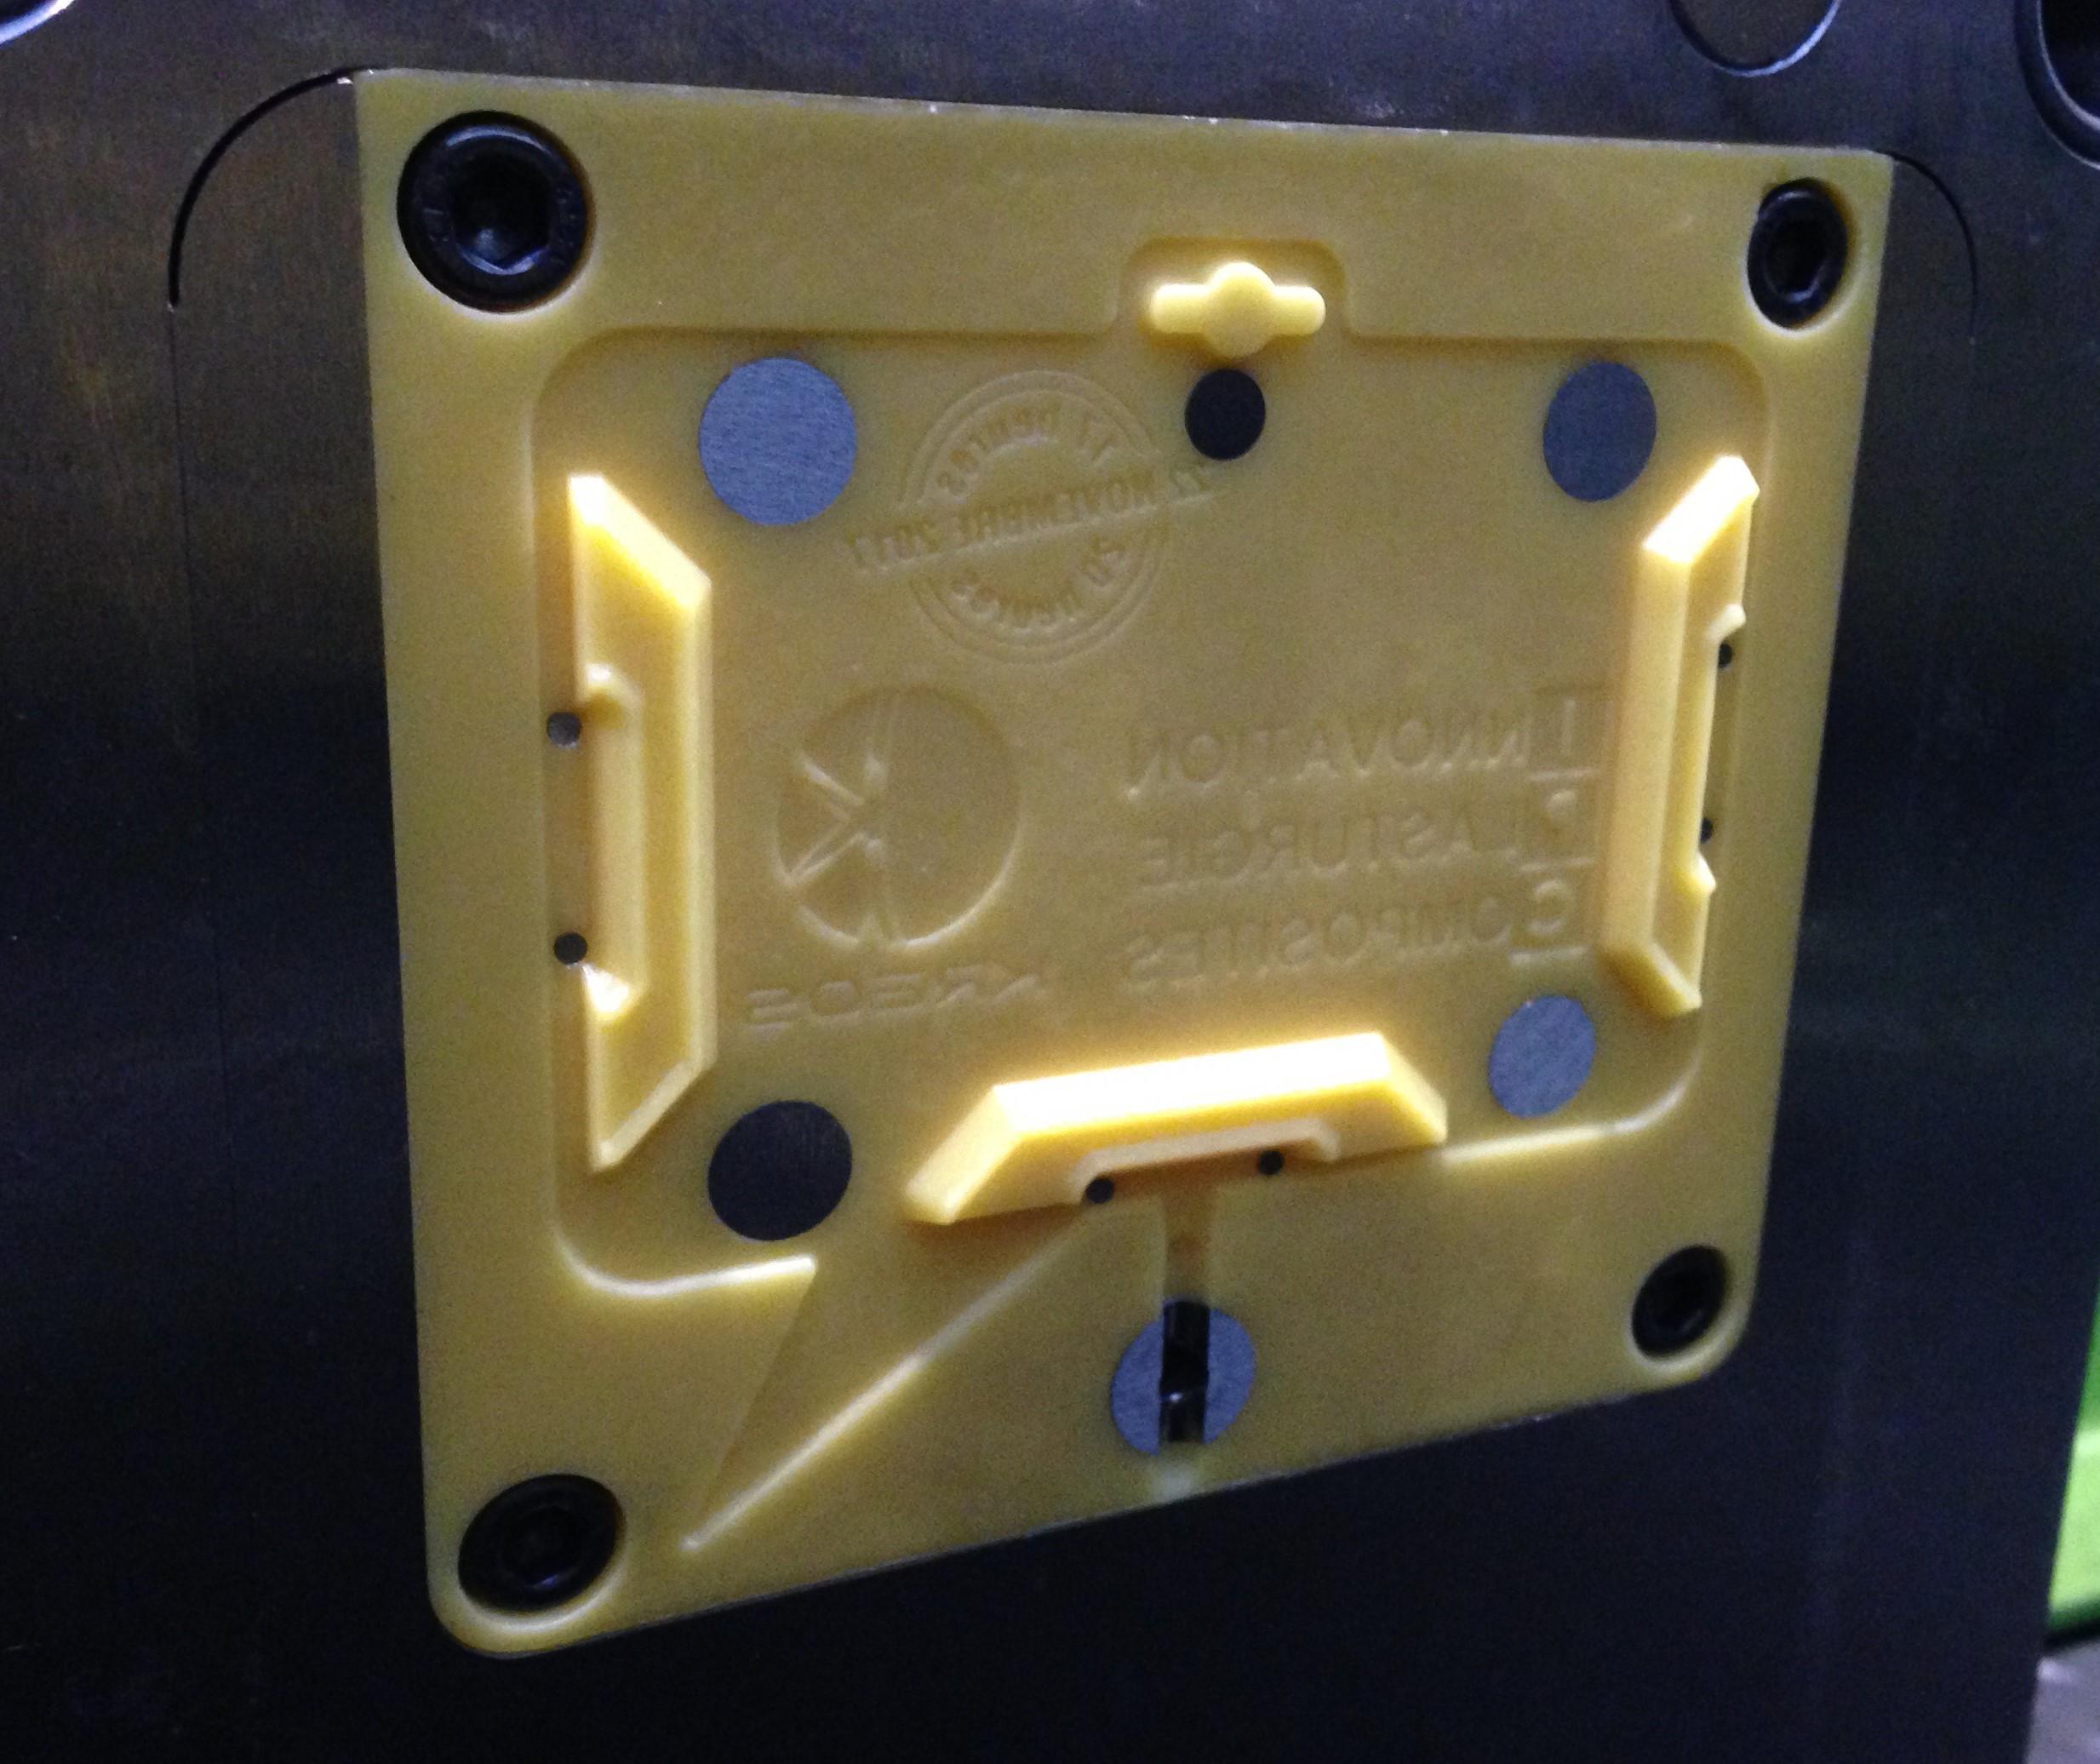 Revivez le webinaire Fabrication additive au service de la plasturgie : De l'outillage à la pièce directe et développement de nouveaux matériaux